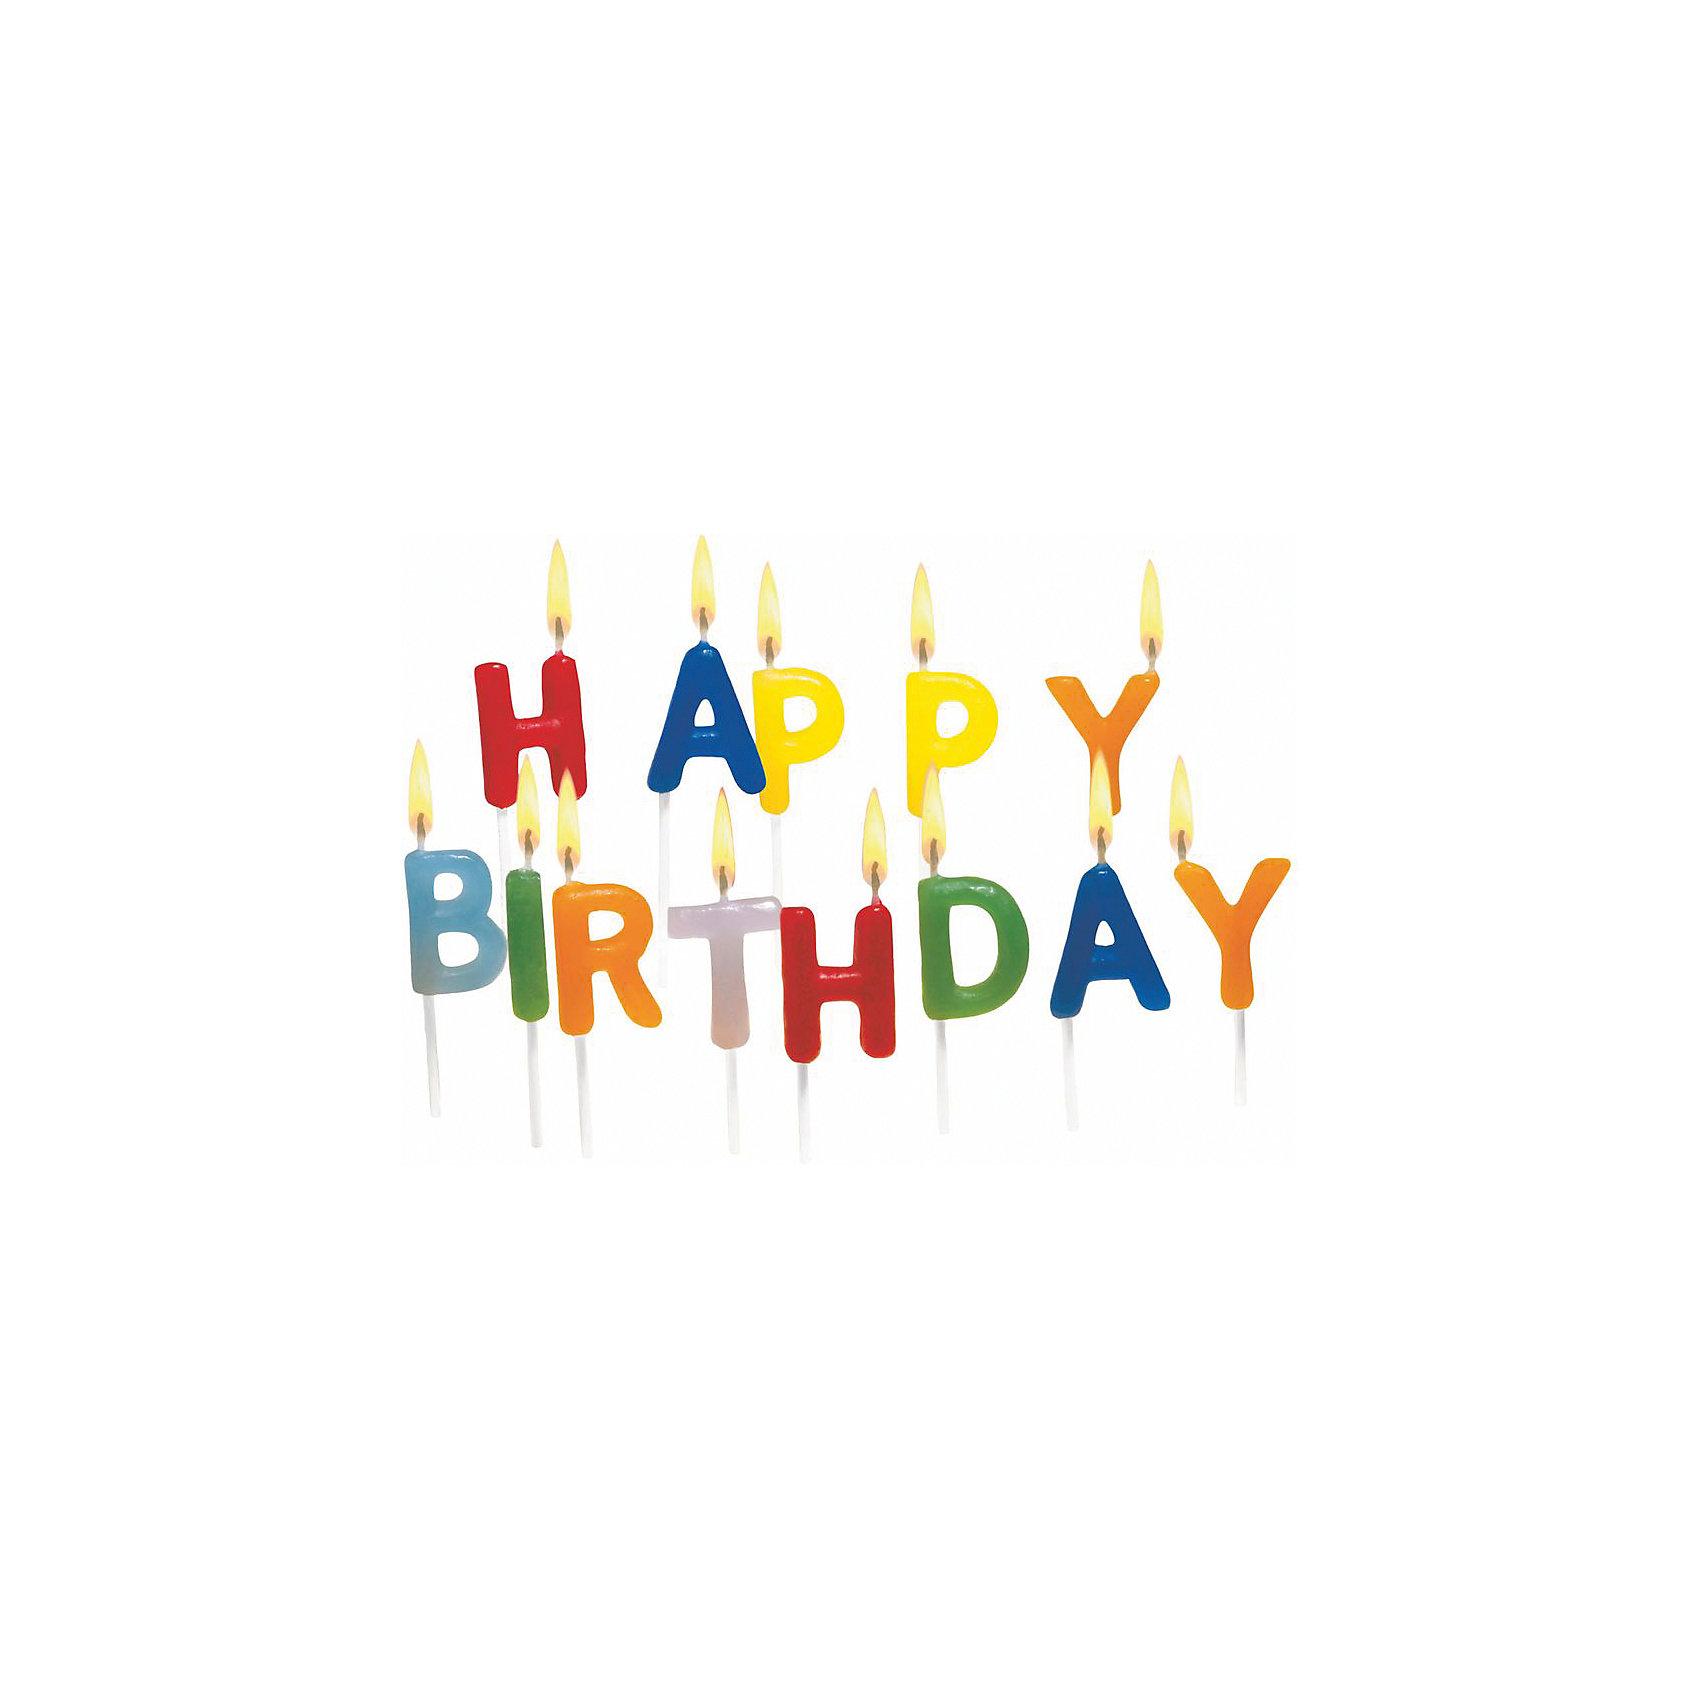 Свечи для торта  Happy Birthday, 15 штВсё для праздника<br>Характеристики товара:<br><br>• возраст: от 3 лет<br>• цвет: мульти<br>• размер упаковки: 10х2х11 см<br>• на шпажке<br>• комплектация: 6 шт<br>• вес: 50 г<br>• страна бренда: Германия<br>• страна изготовитель: Германия<br><br>Ну что праздник без торта? А что за торт без свечек? Свечи от бренда Herlitz выполнены в виде букв, из которых составляется надпись «Happy Birthday».<br><br>Каждая свечка дополнена удобной деревянной шпажкой. Изделие произведено из безопасного для детей материала.<br><br>Свечи для торта «Happy Birthday», 15 шт, от бренда Herlitz (Херлиц) можно купить в нашем интернет-магазине.<br><br>Ширина мм: 23<br>Глубина мм: 100<br>Высота мм: 110<br>Вес г: 47<br>Возраст от месяцев: 36<br>Возраст до месяцев: 2147483647<br>Пол: Унисекс<br>Возраст: Детский<br>SKU: 6886482